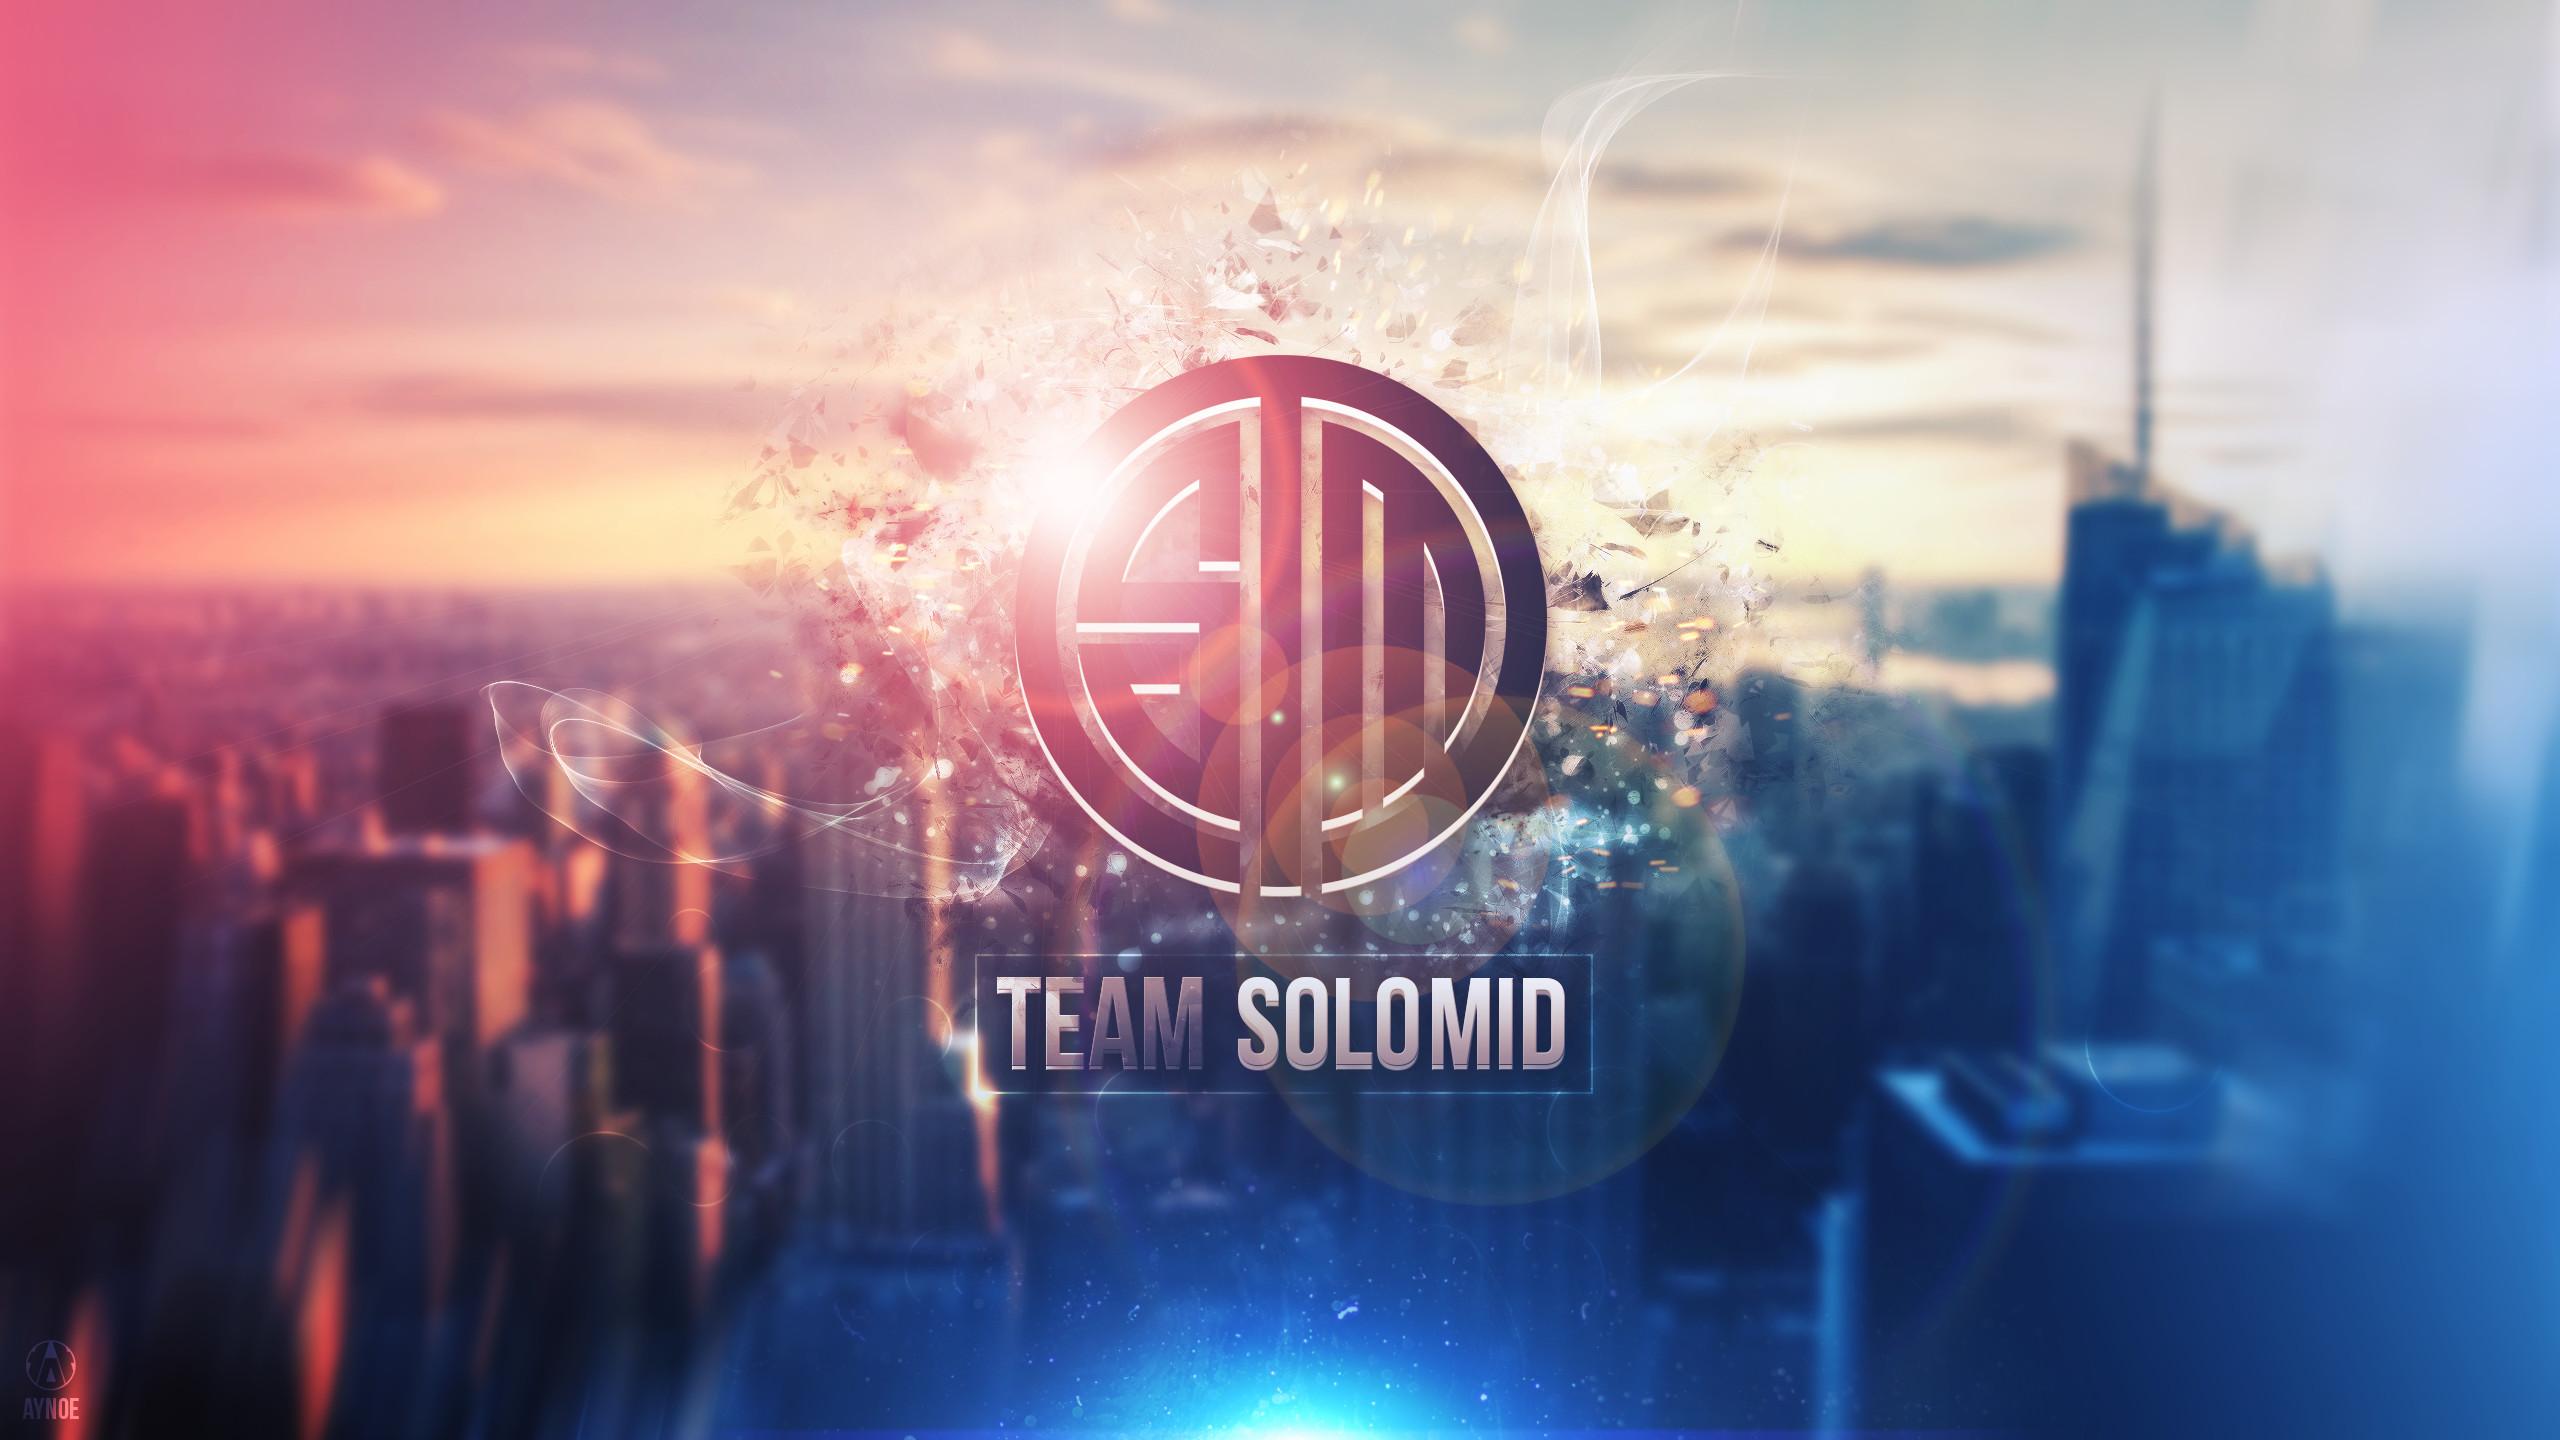 … Team Solomid Wallpaper Logo – League of Legends by Aynoe